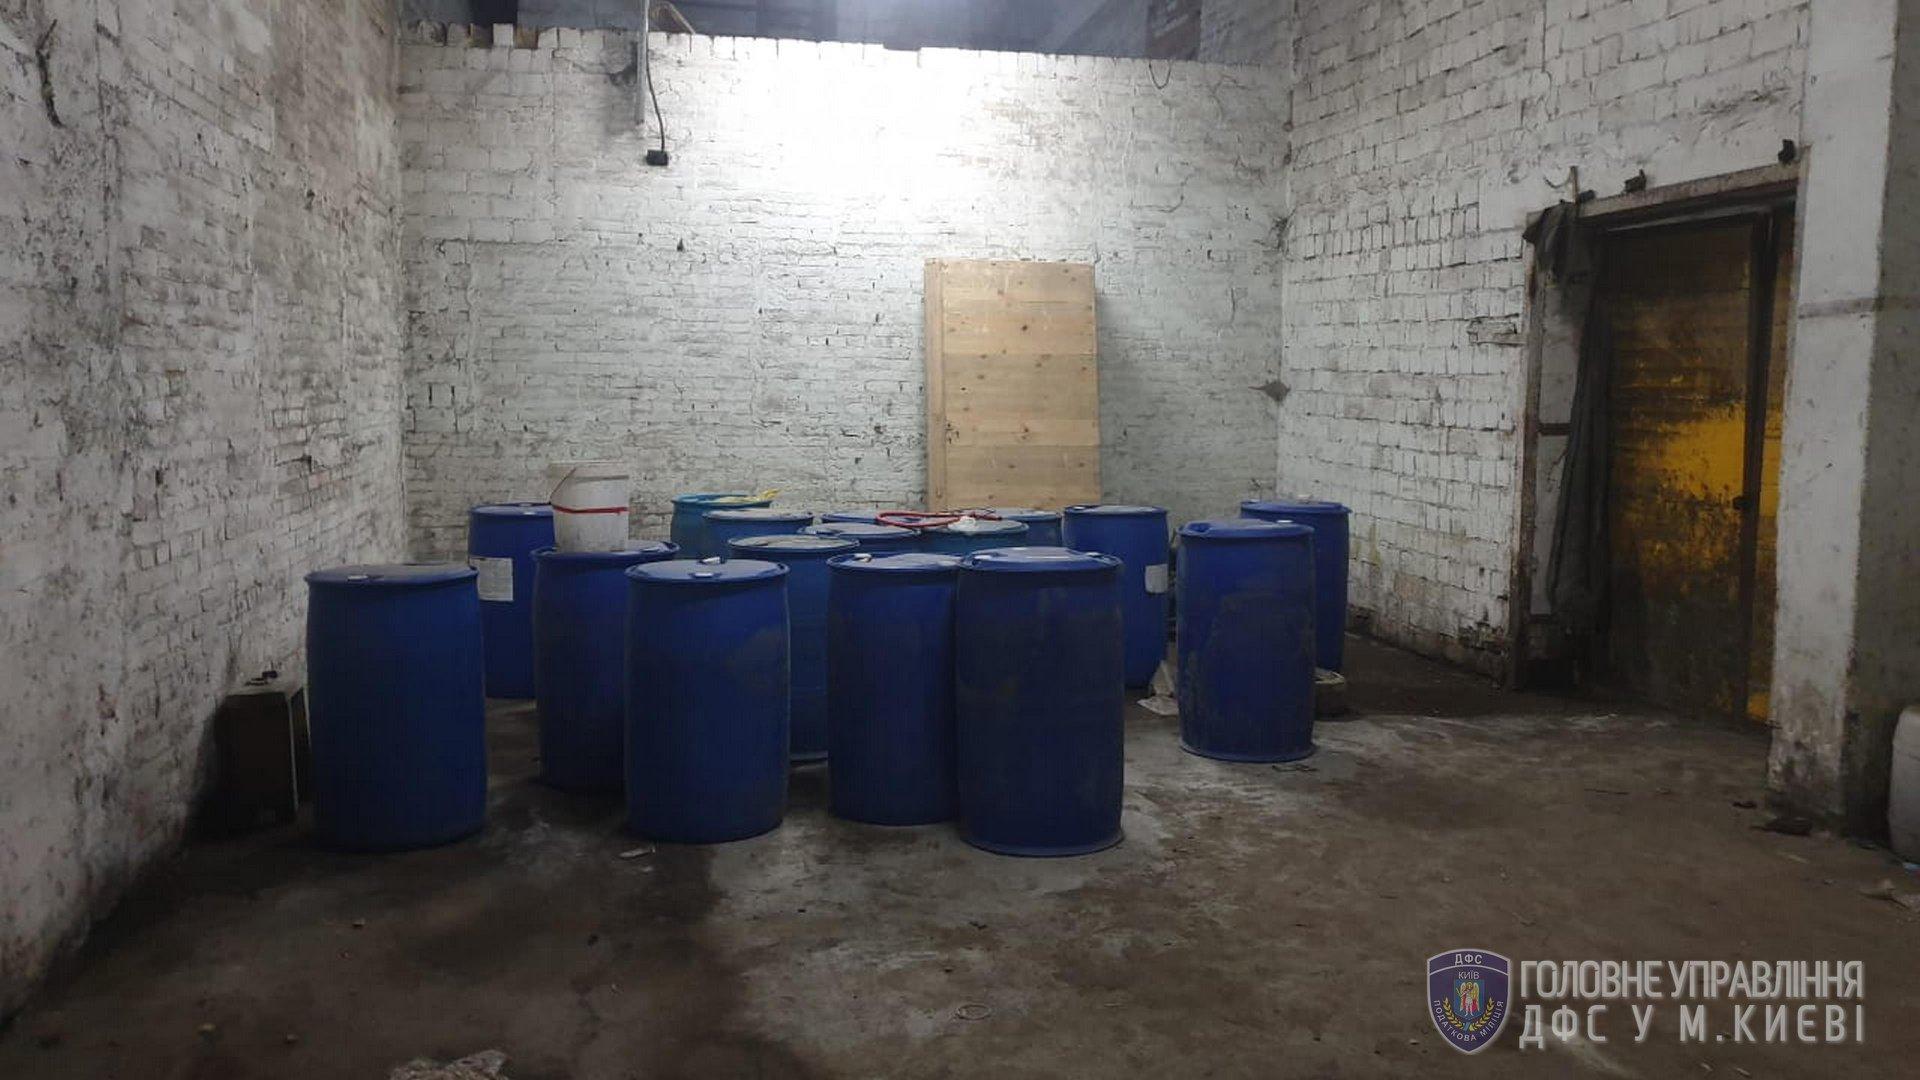 Кілька тонн фальсифікованого алкоголю: на Київщині діяв підпільний цех -  - 108520051 3416912638342702 1976911362572386339 o